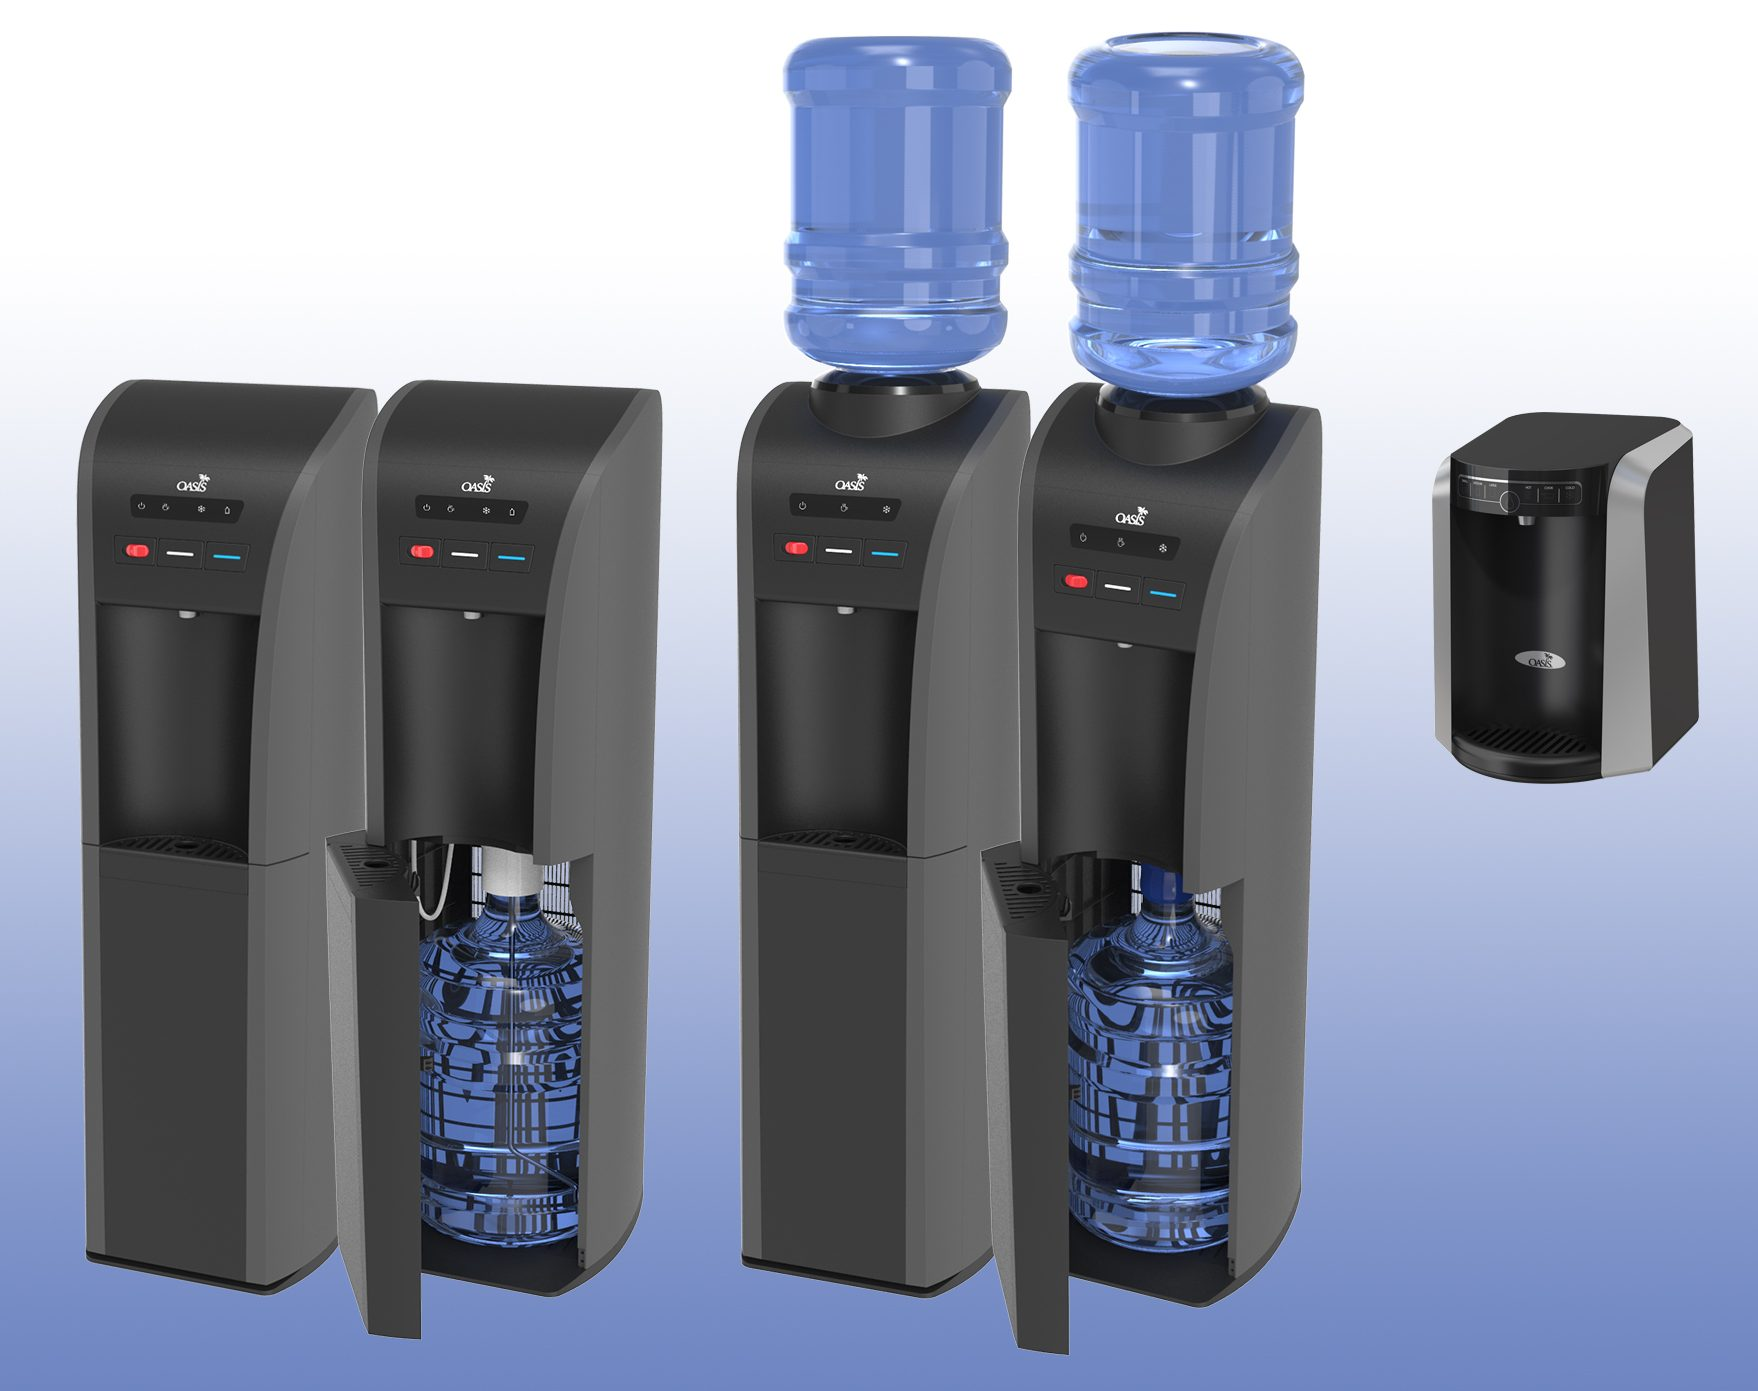 Aquarius water coolers